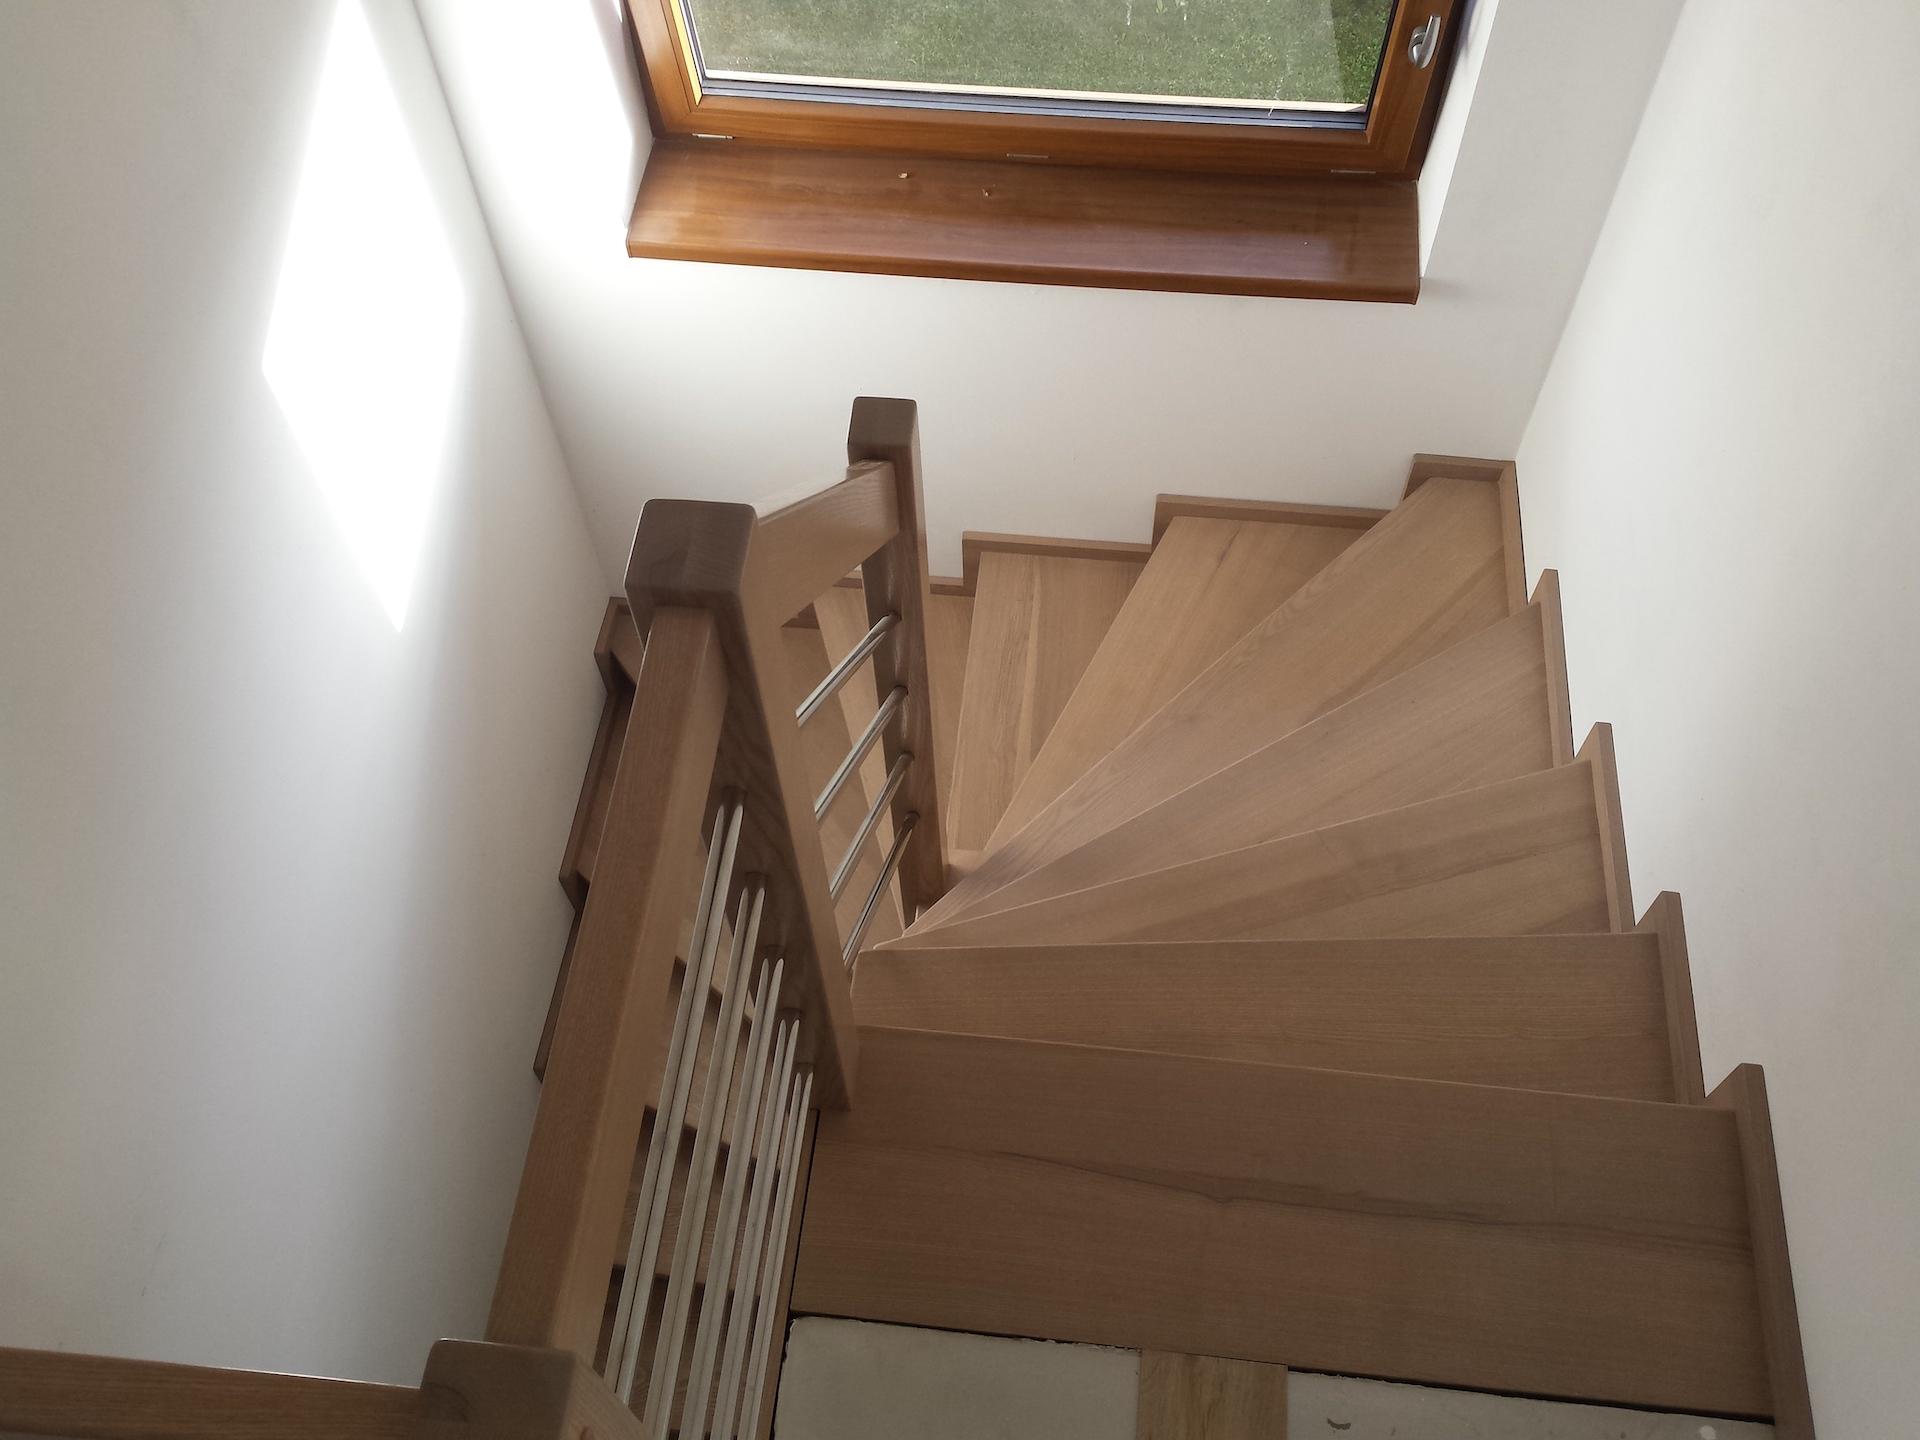 Dřevěný obklad schodiště na zakázku Březolupy - 2